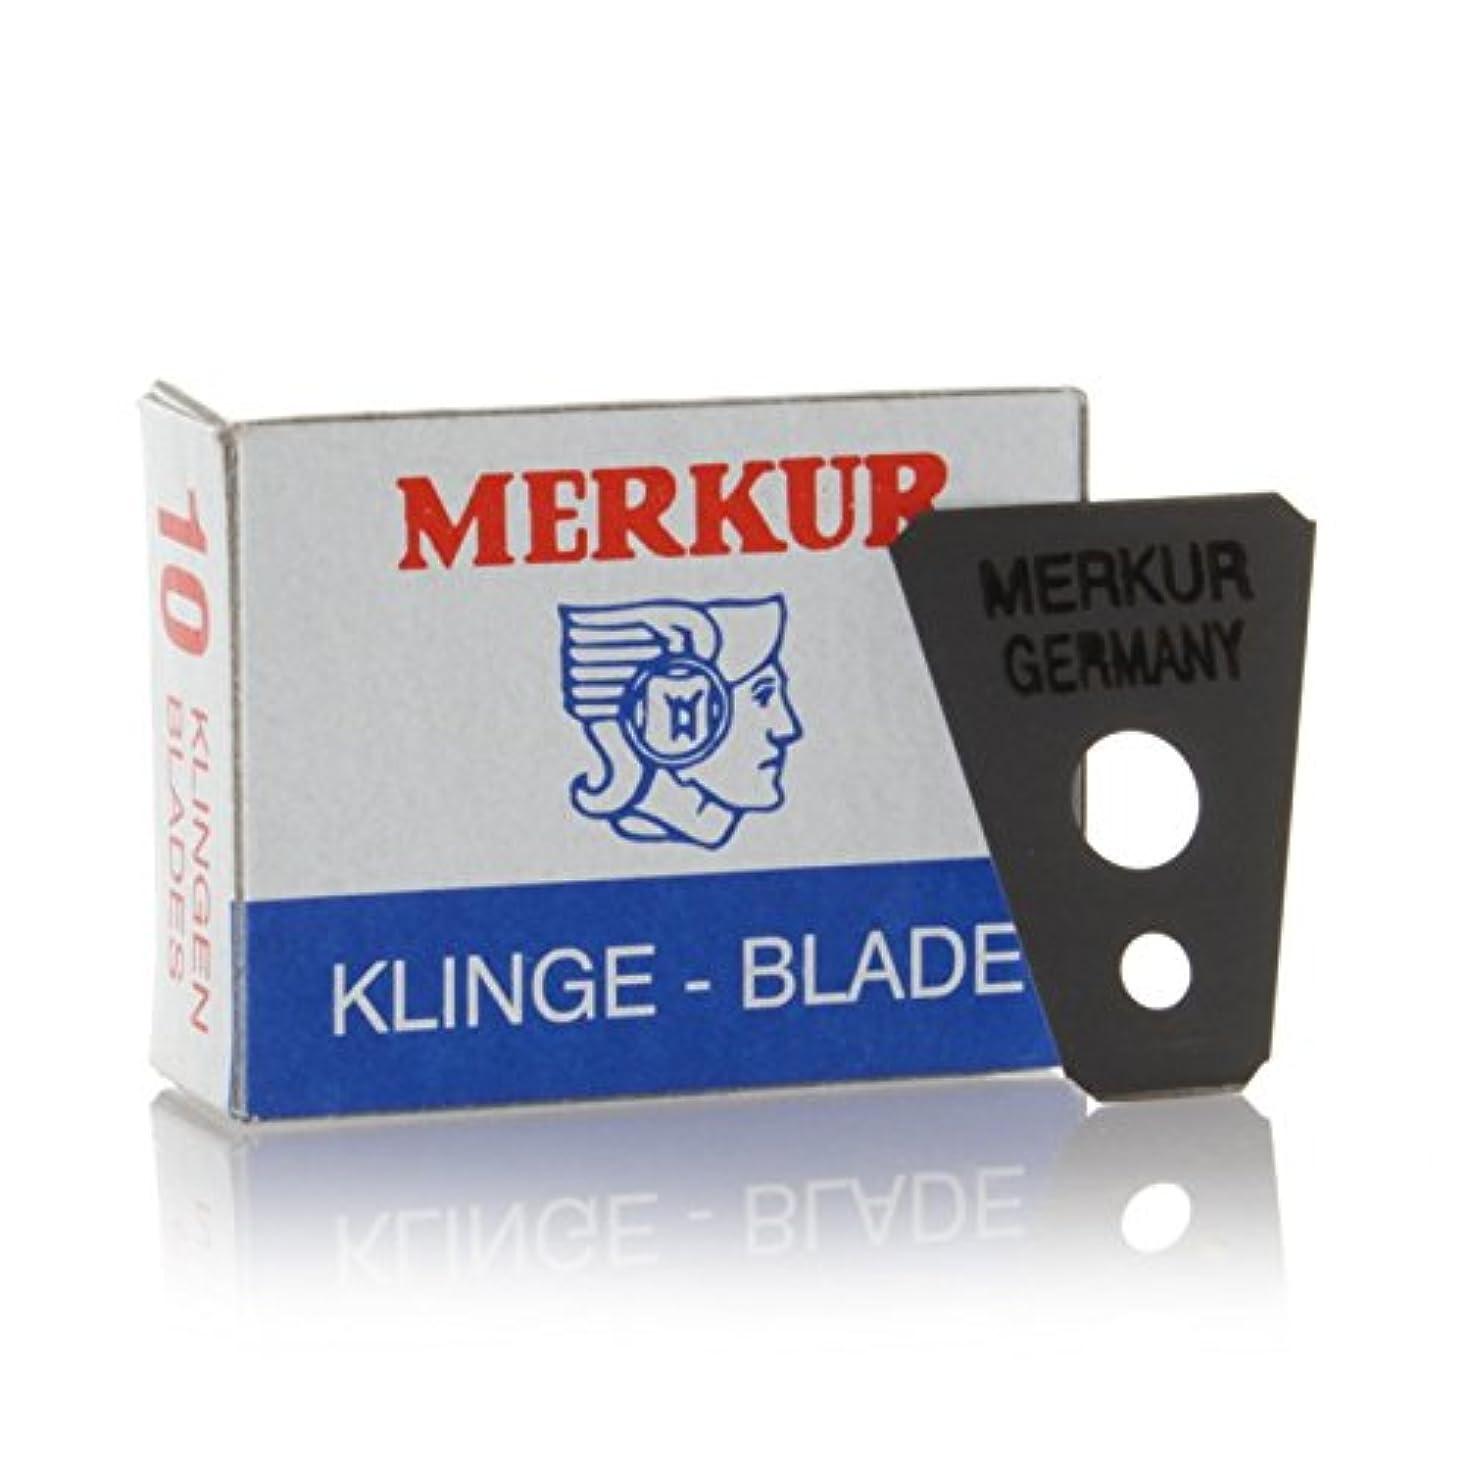 急流ラオス人する必要があるMERKUR Solingen - Razor blades for moustache shaver, 10 pieces, 90908100